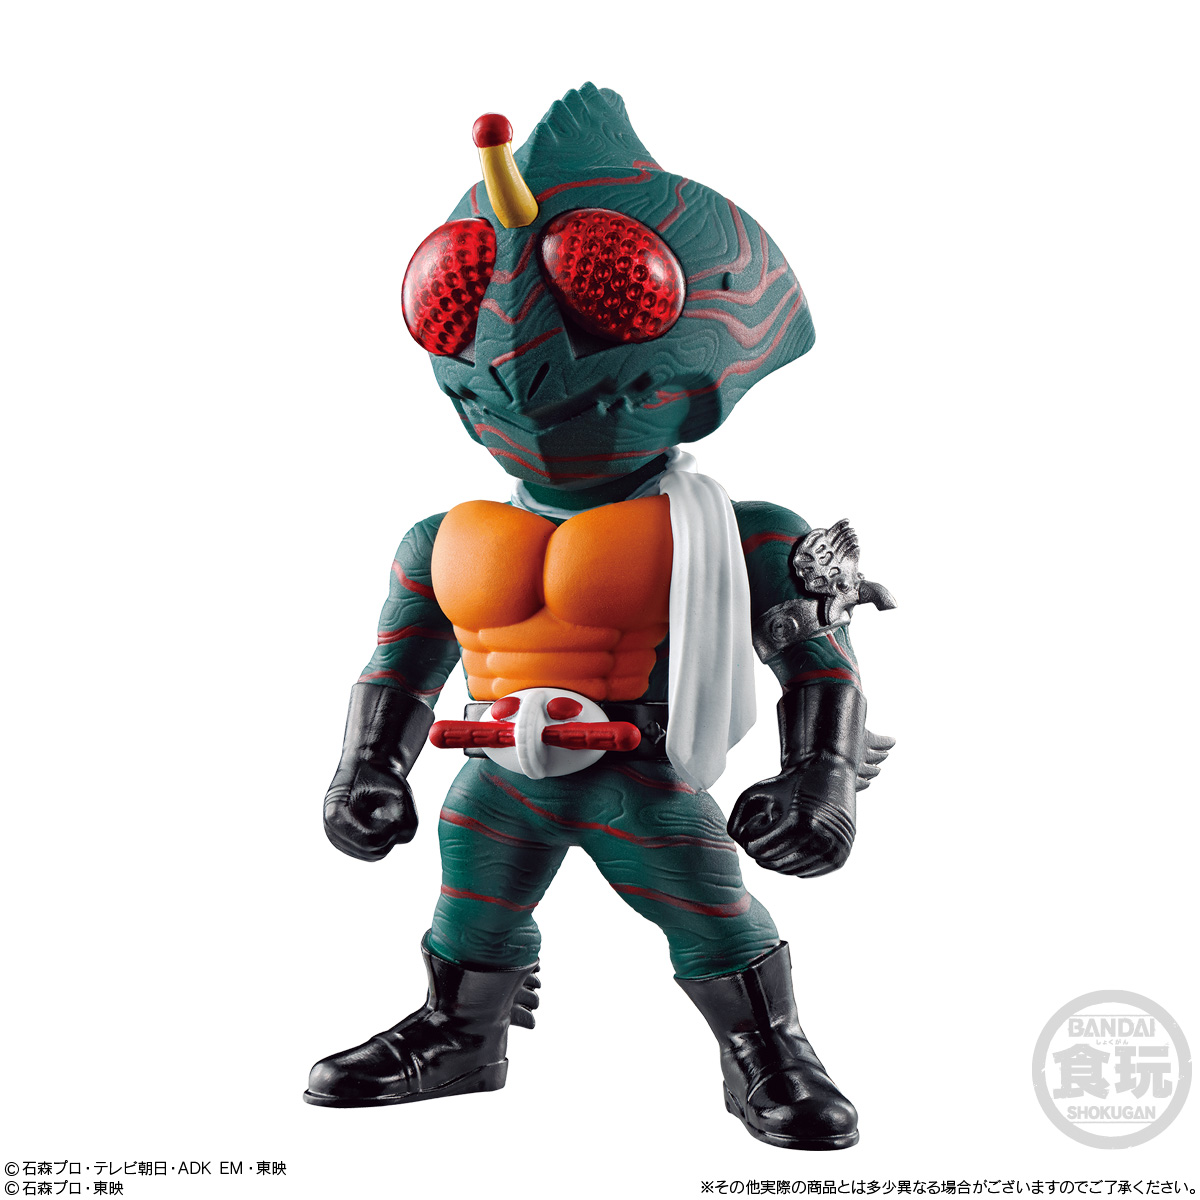 【食玩】コンバージ仮面ライダー『CONVERGE KAMEN RIDER 19』10個入りBOX-007